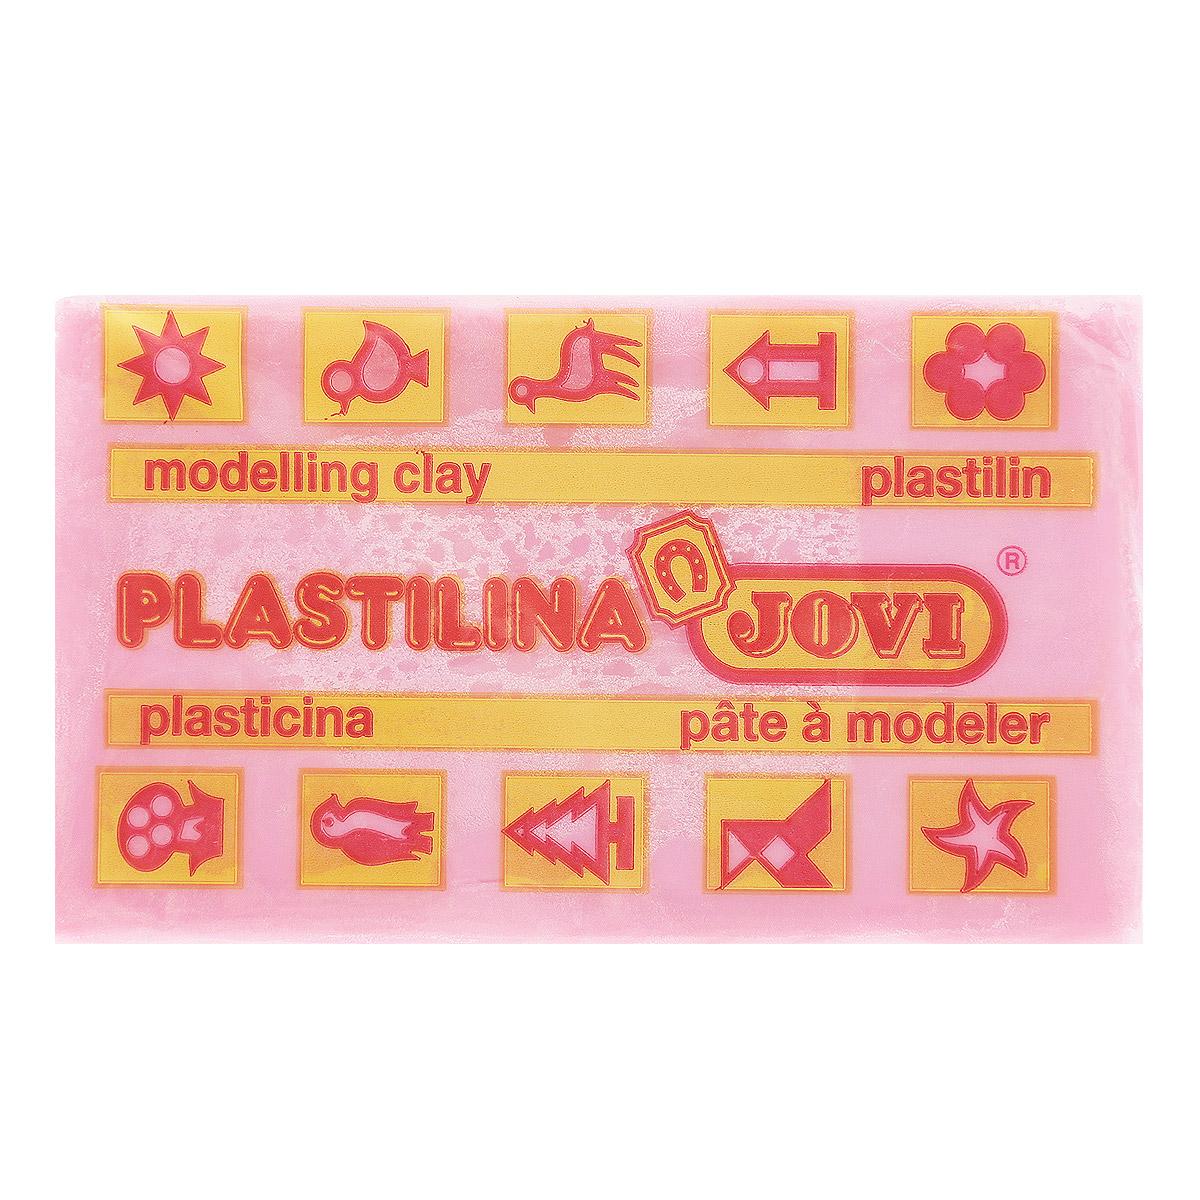 Jovi Пластилин, цвет: розовый, 50 г jovi набор мягкой пасты и аксессуаров для лепки огород